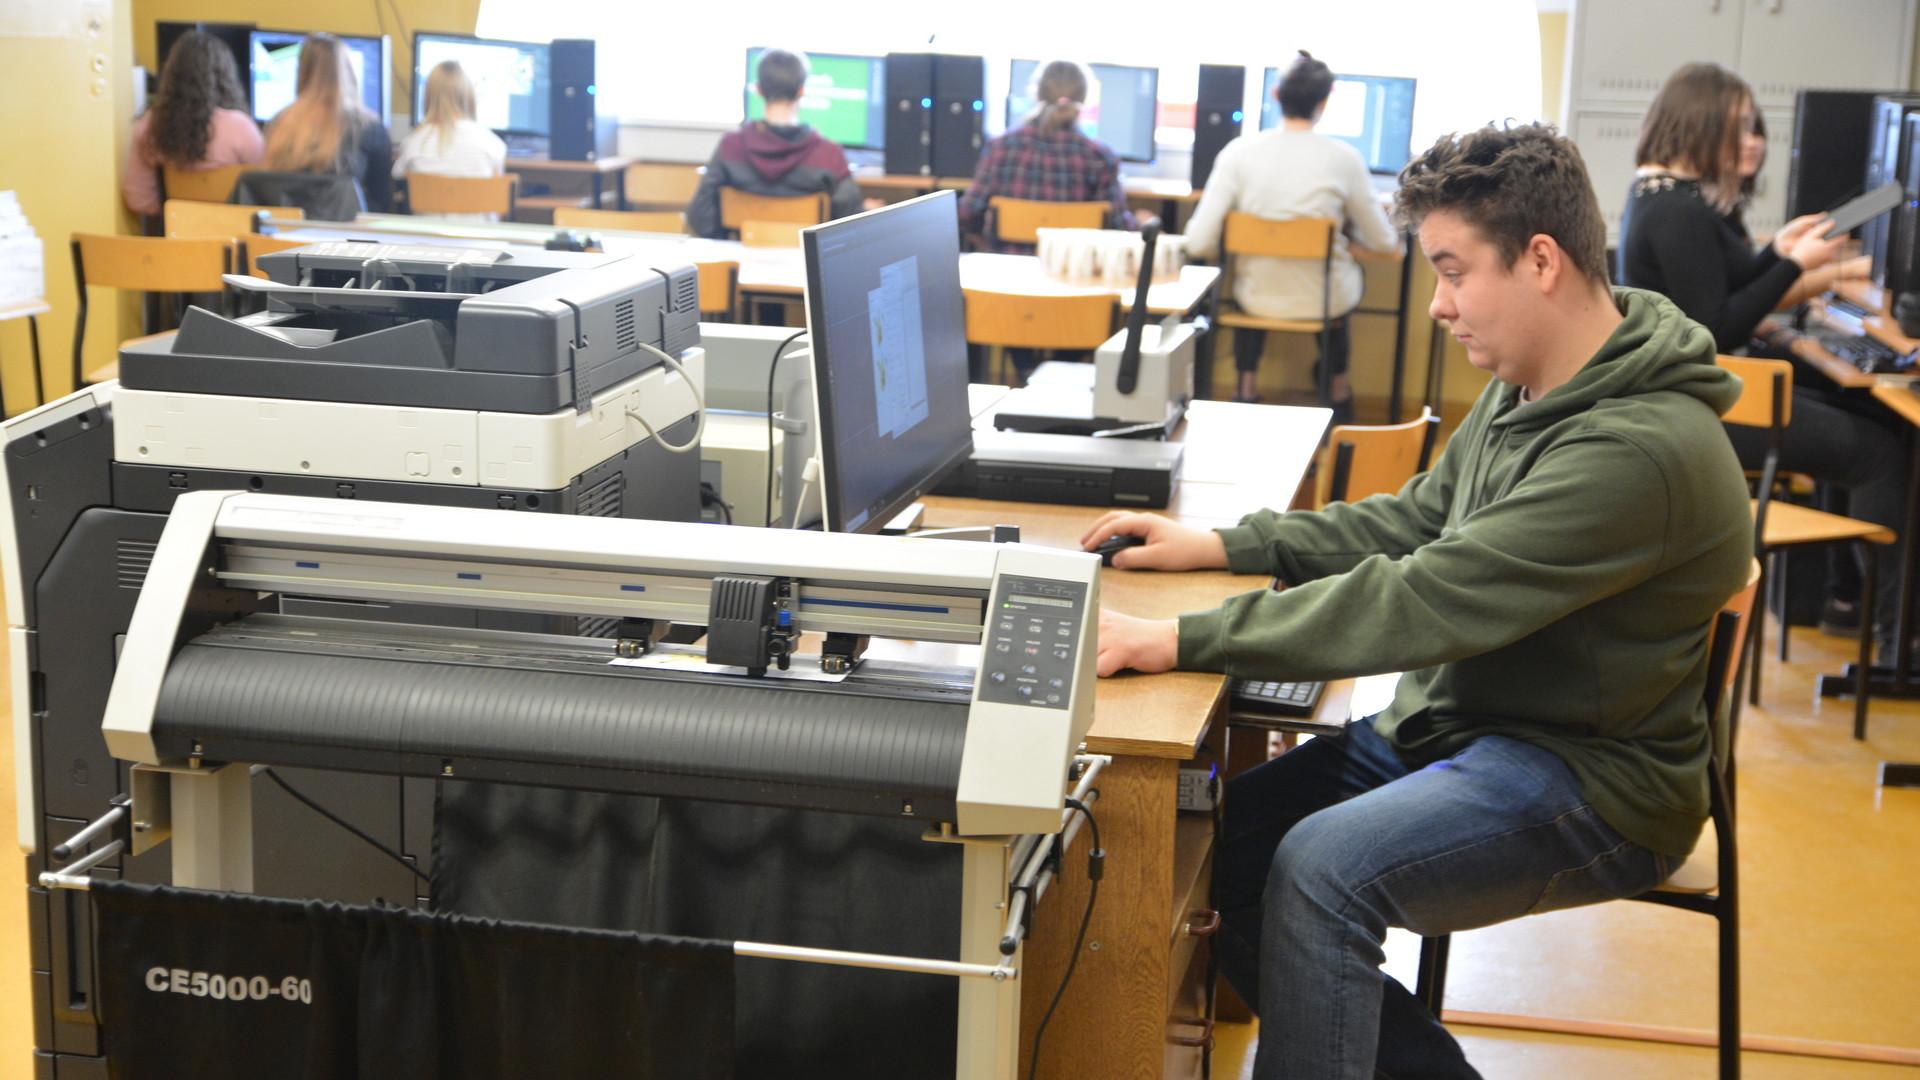 Technik grafiki i poligrafii cyfrowej | Technikum Nr 1 w Zamościu